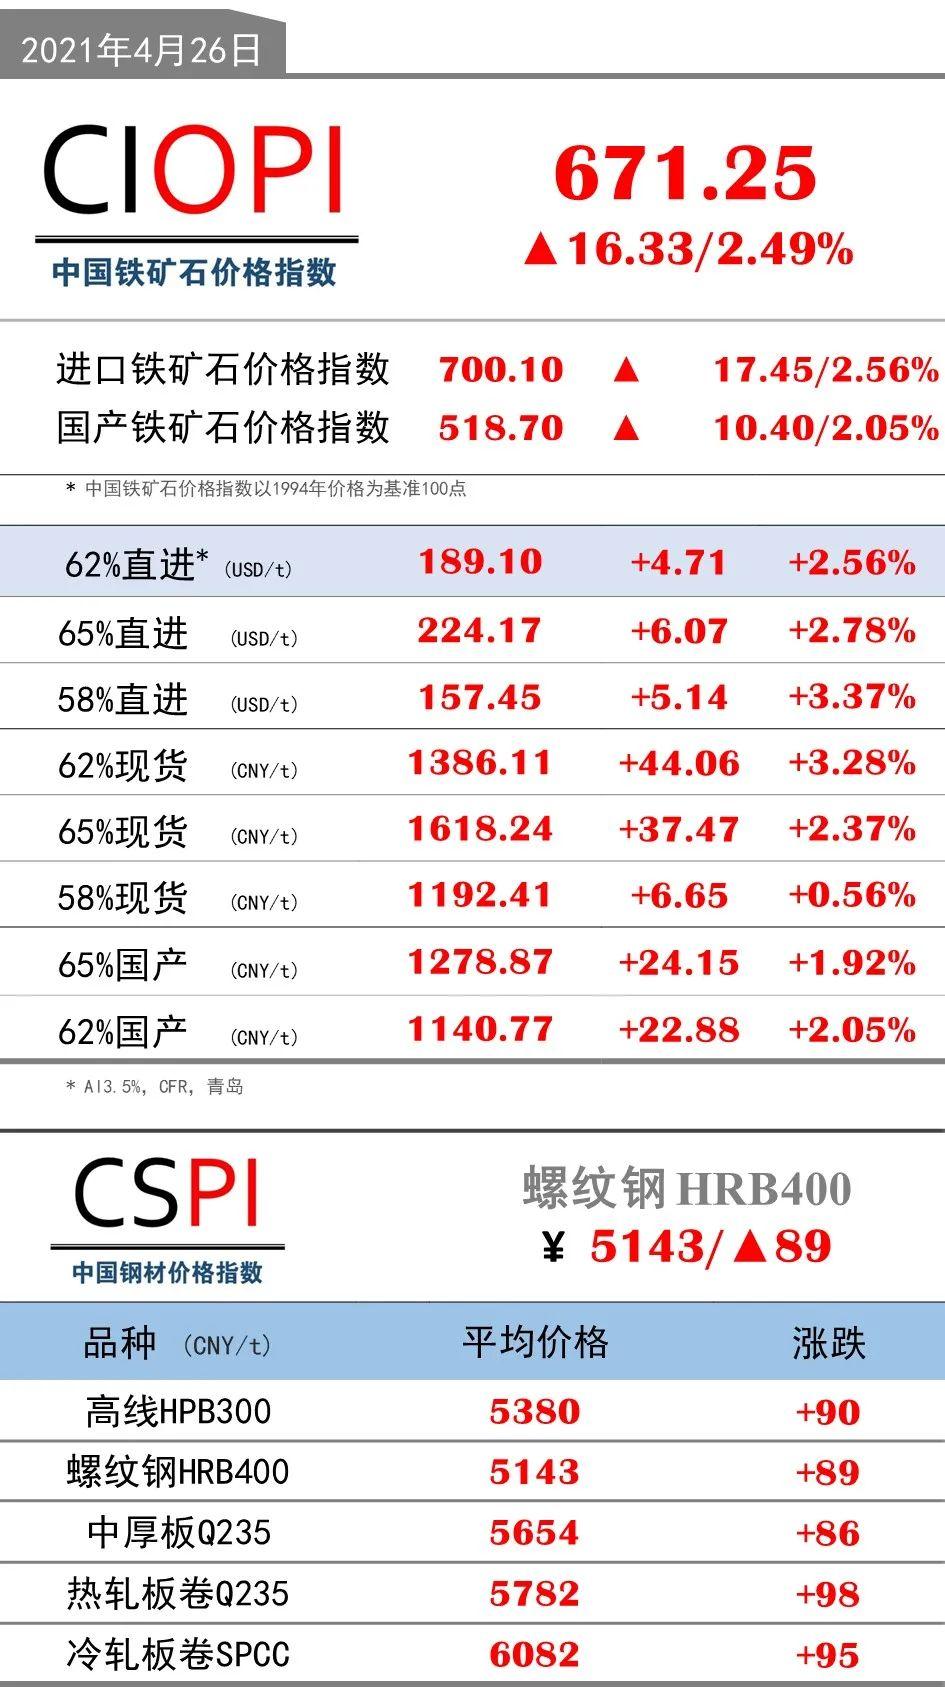 4月26日OPI 62%直进:189.10(+4.71/+2.56%)